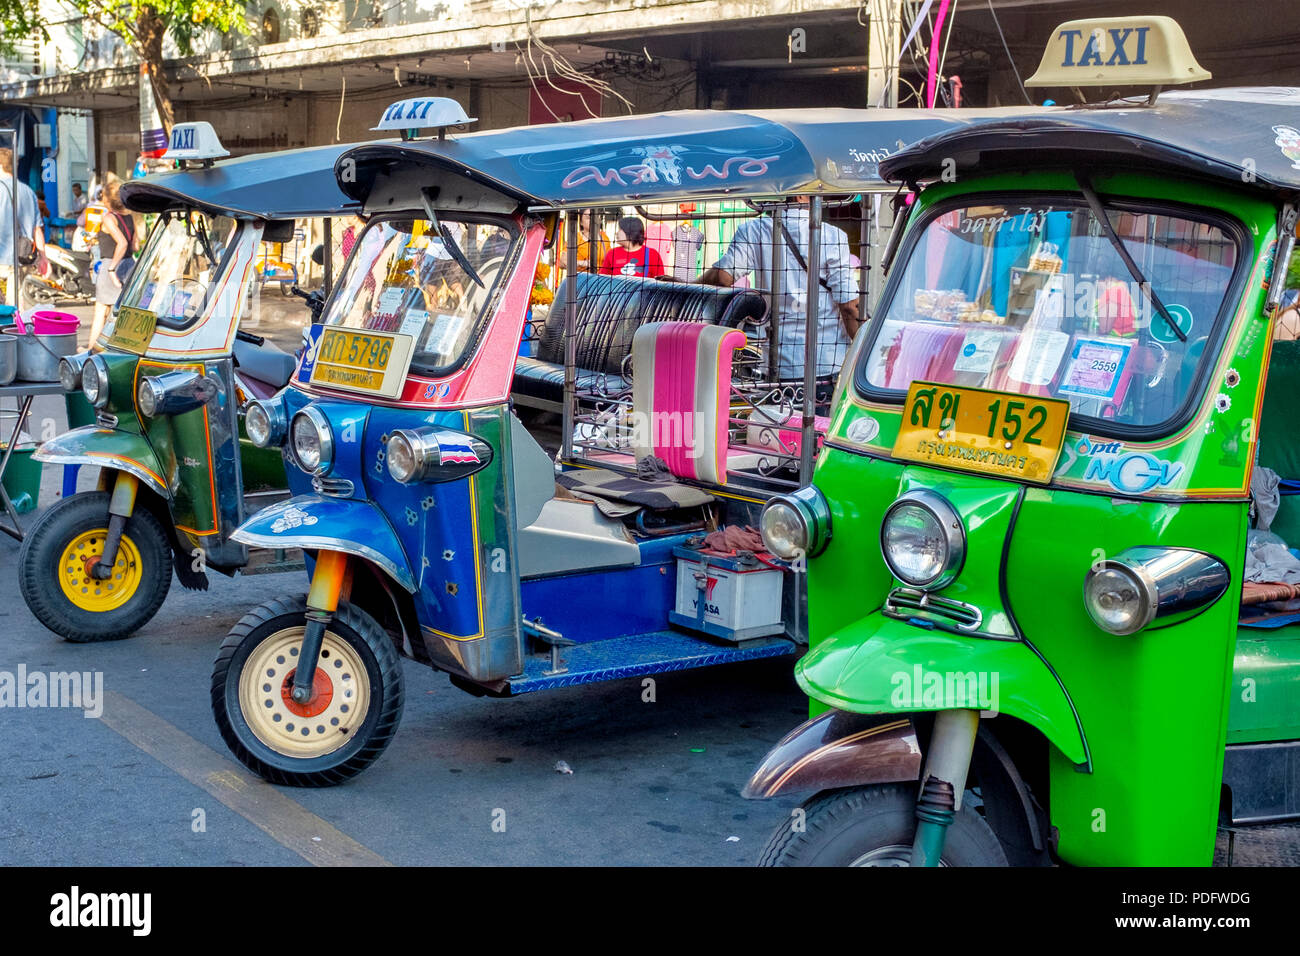 Tuk Tuk Or Auto Rickshaw Stock Photos & Tuk Tuk Or Auto ...